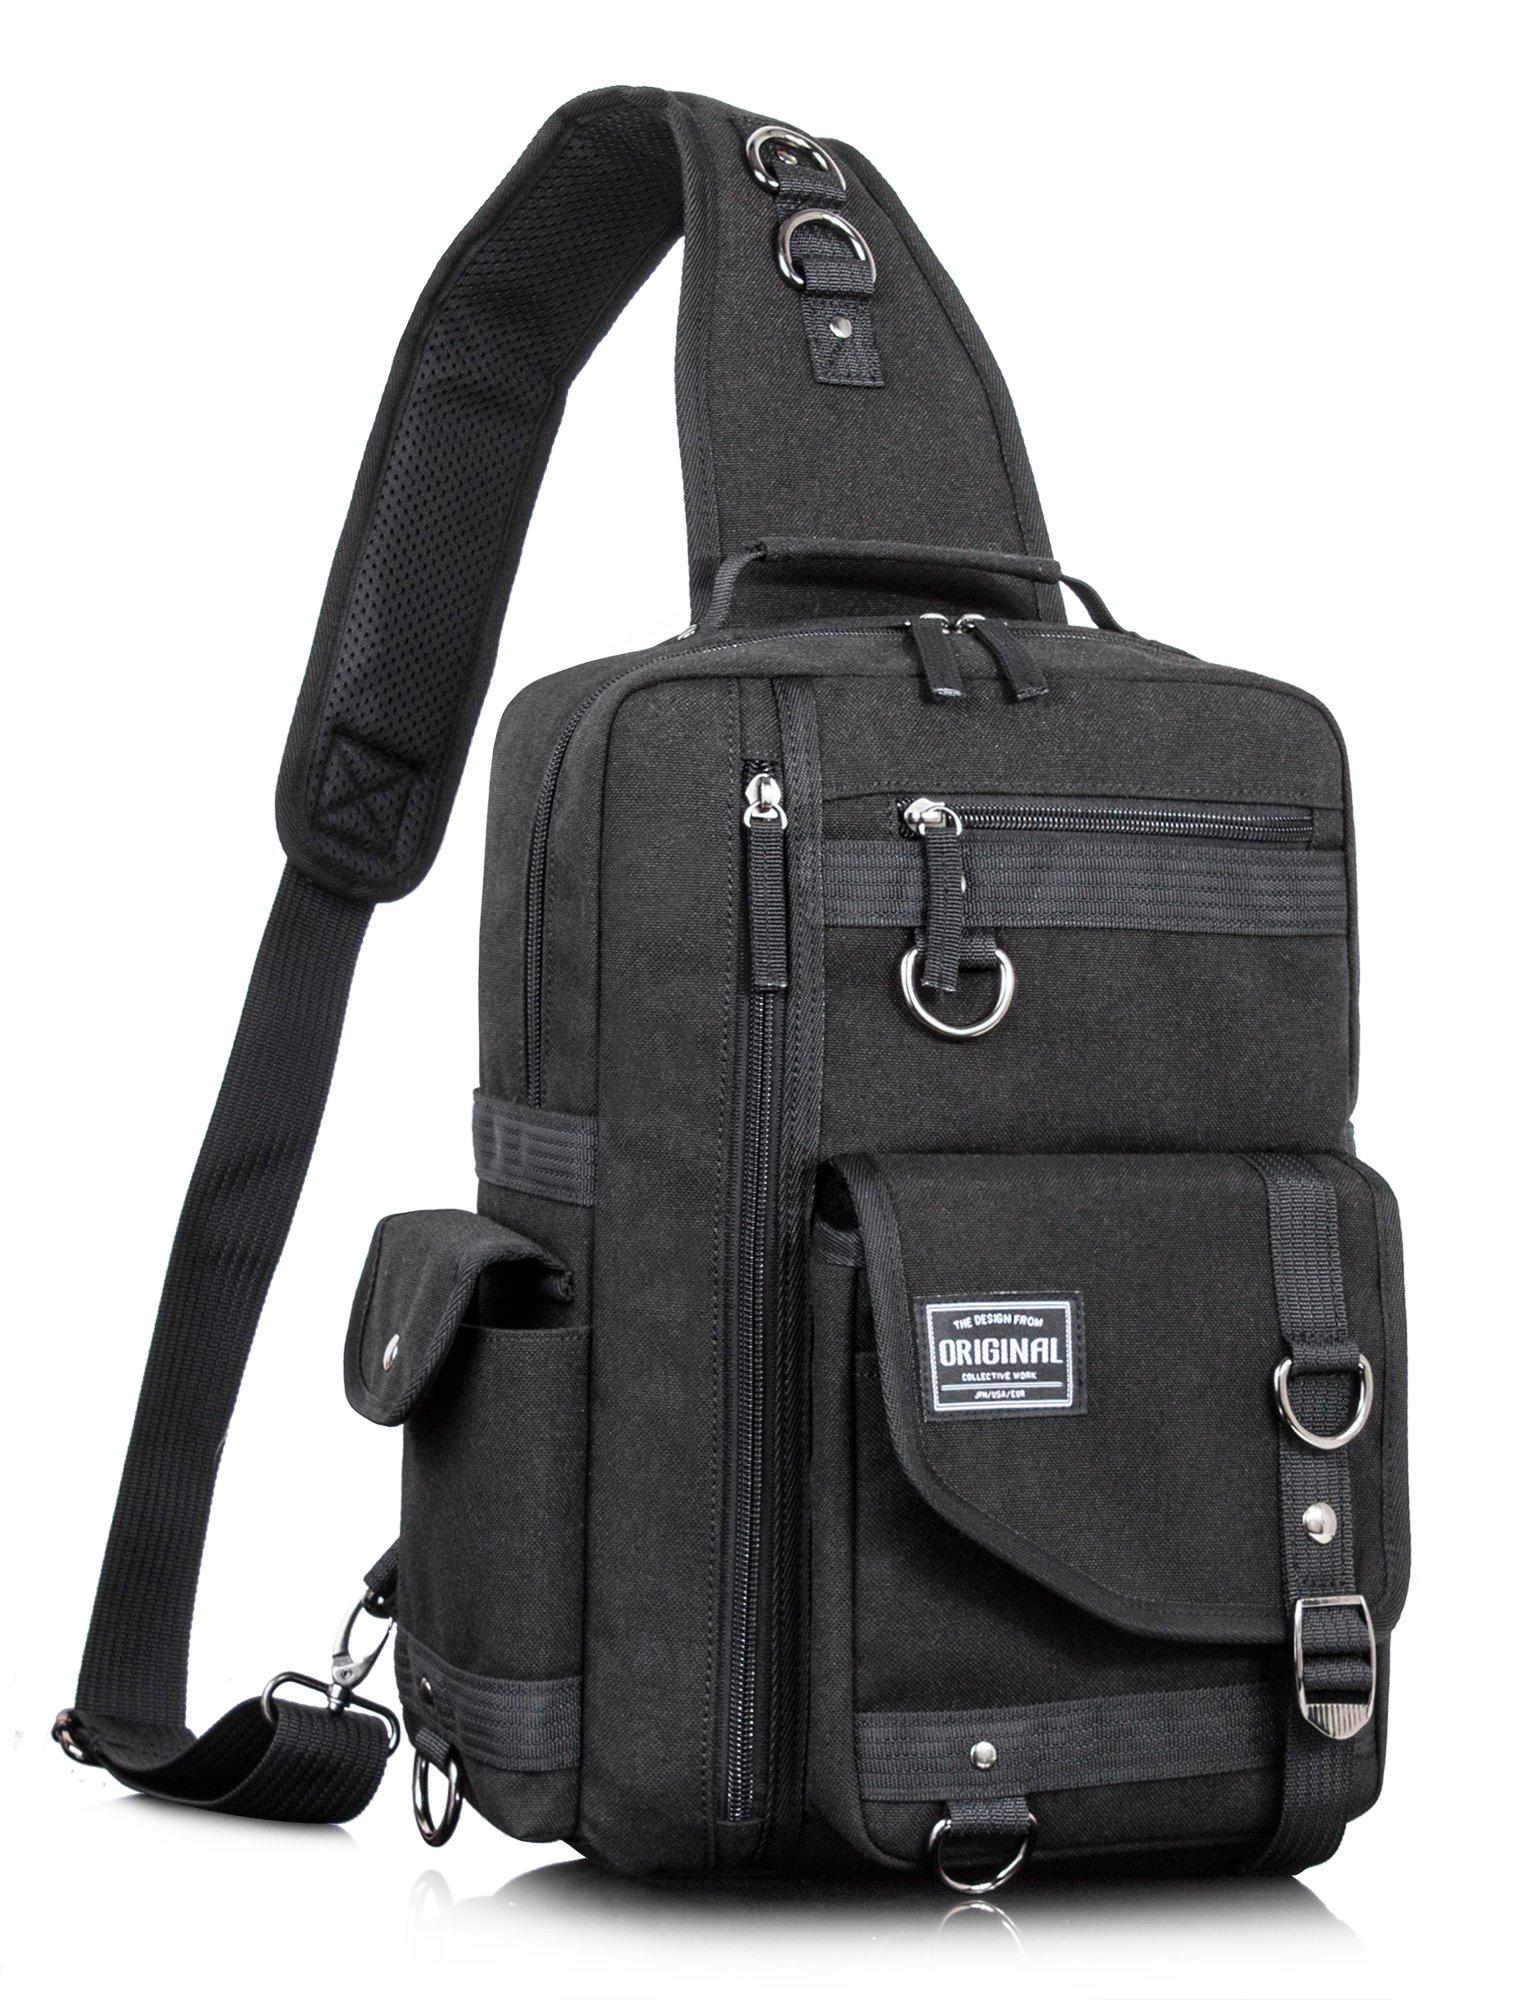 Leaper Messenger Bag Outdoor Cross Body Bag Sling Bag Shoulder Bag Black2